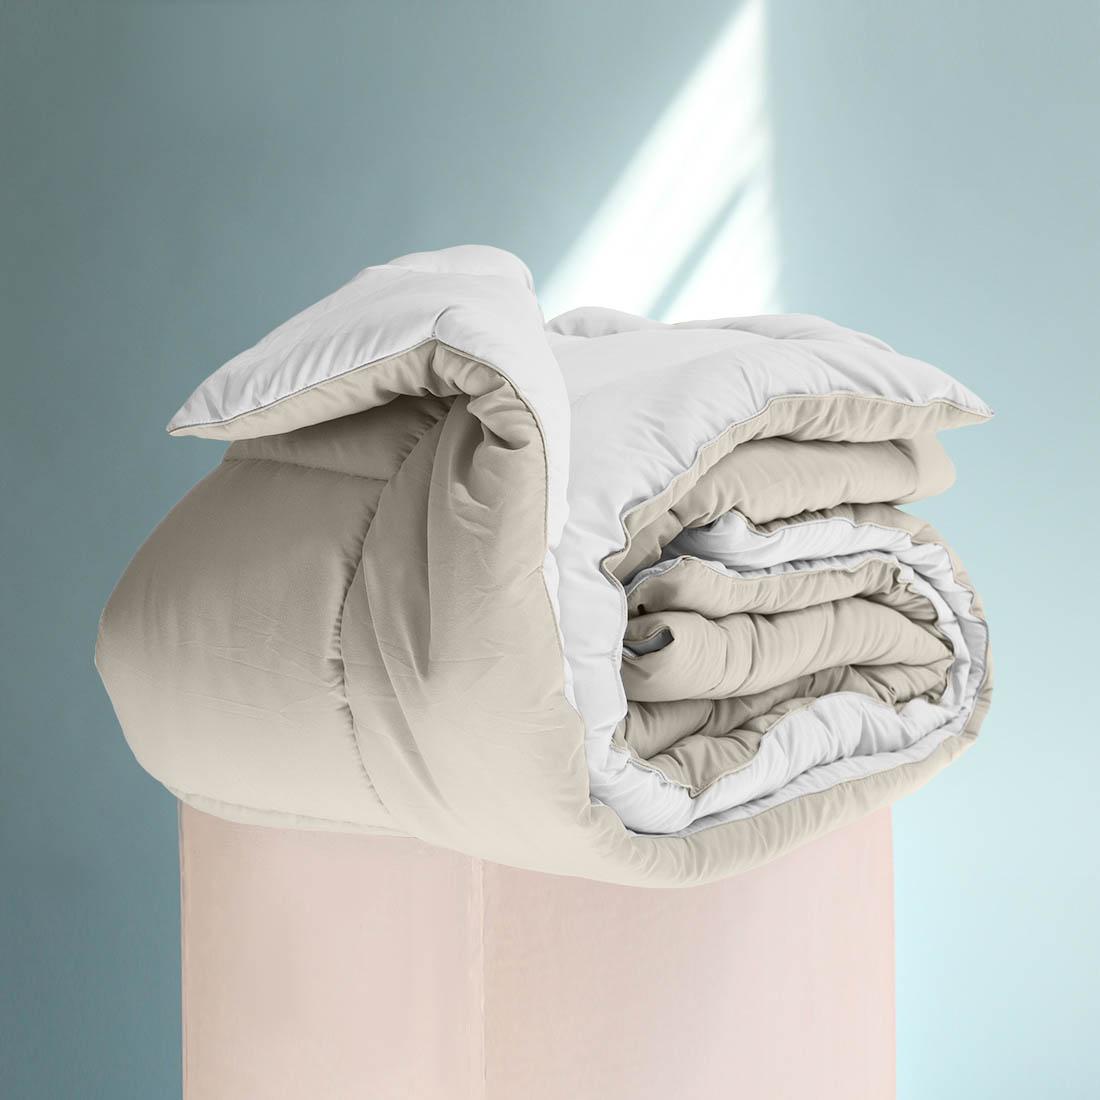 Одеяло  Sleep iX , наполнитель: силиконизированное волокно, цвет: бежевый, белый, 220 х 240 см. pva320019 -  Одеяла